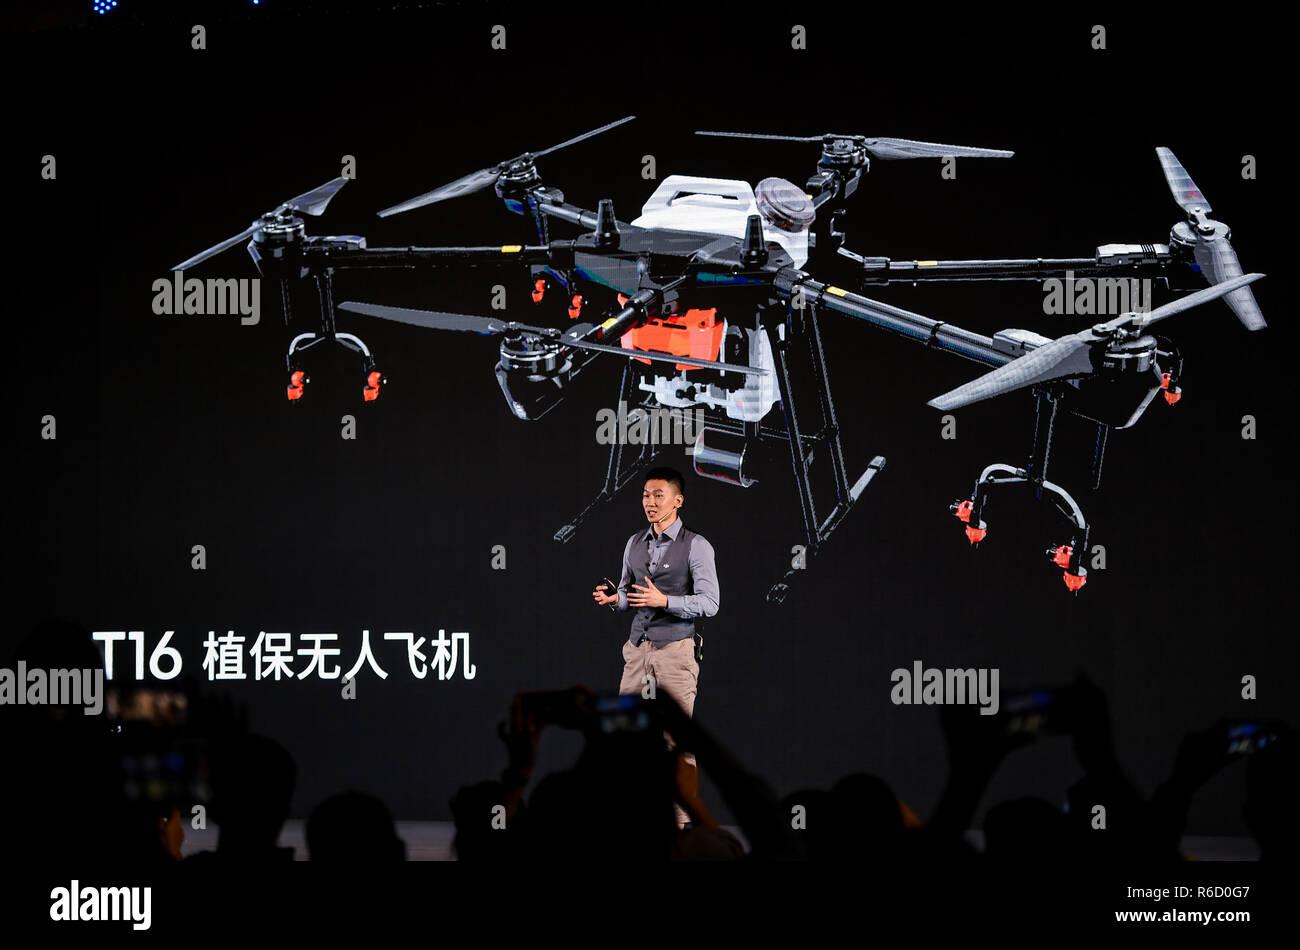 Shenzhen, en la provincia china de Guangdong. 4 dic, 2018. Chen Tao, director de ventas para el departamento agrícola del Dji, introduce el nuevo tipo de drone para cuidado agrícola T16 durante una conferencia de prensa en Shenzhen, en el sur de la Provincia china de Guangdong, 4 de diciembre de 2018. El recién liberado drone T16, con un tiempo de imágenes de radar DBF que puede controlar el entorno de los campos de cultivo, puede rociar pesticida sobre un área de 150 mu (alrededor de 10 hectáreas) en una hora, 67 por ciento más altos que los de generaciones anteriores. Crédito: Mao Siqian/Xinhua/Alamy Live News Imagen De Stock